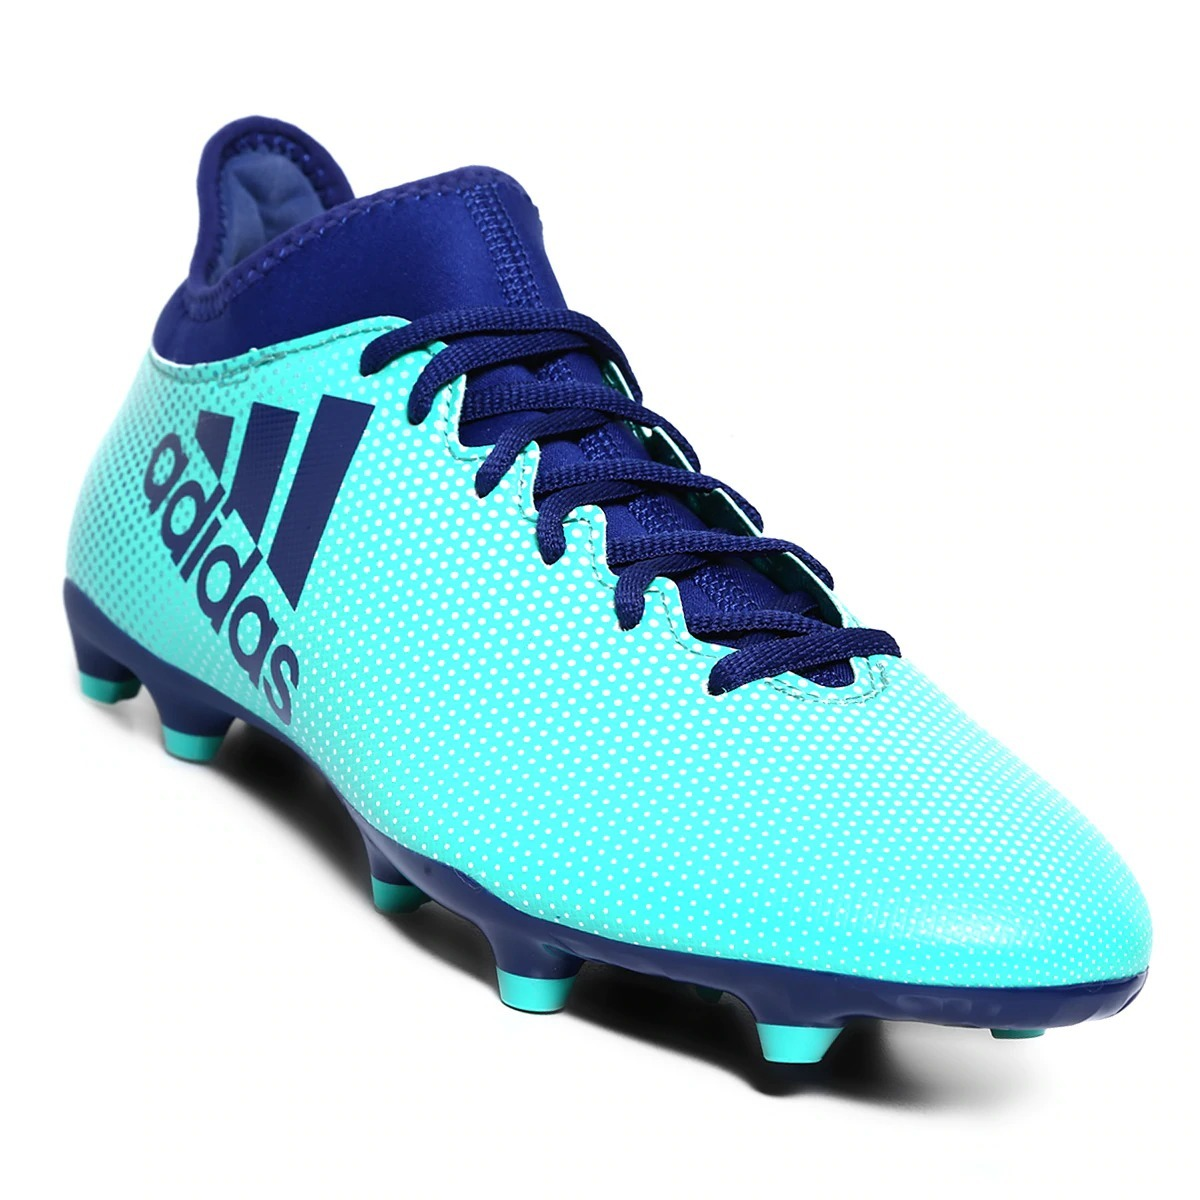 30cb372ebbd8f Taquetes adidas De Futbol X 17.3 Fg